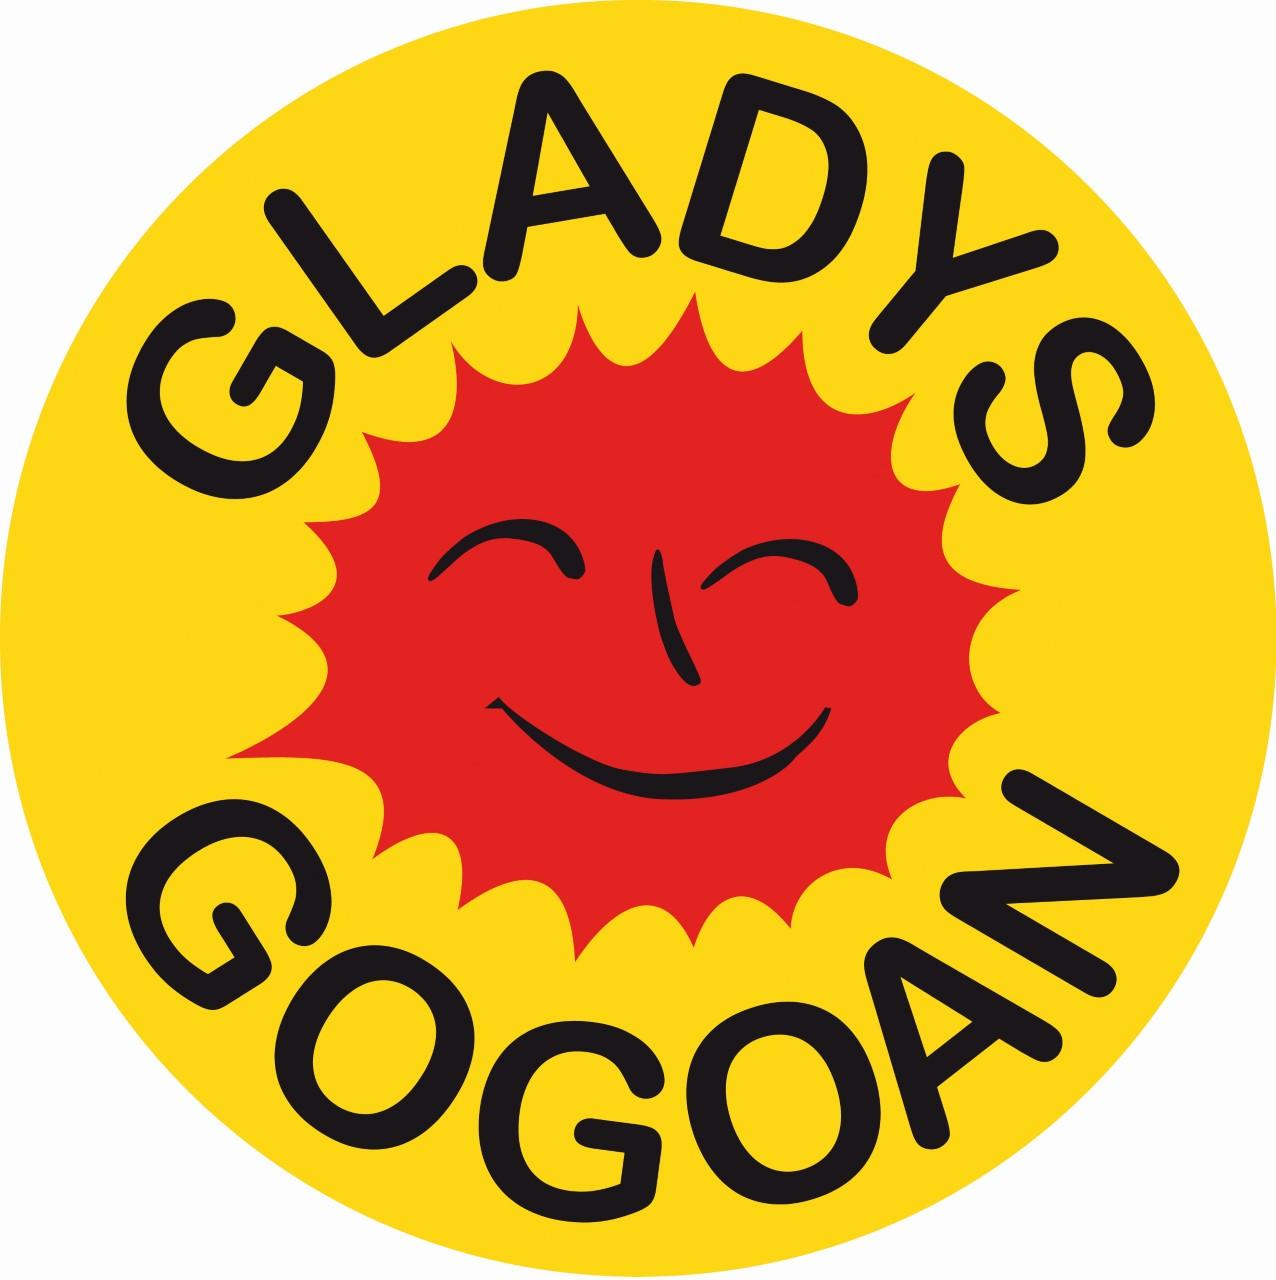 Gladysgogoan_handi